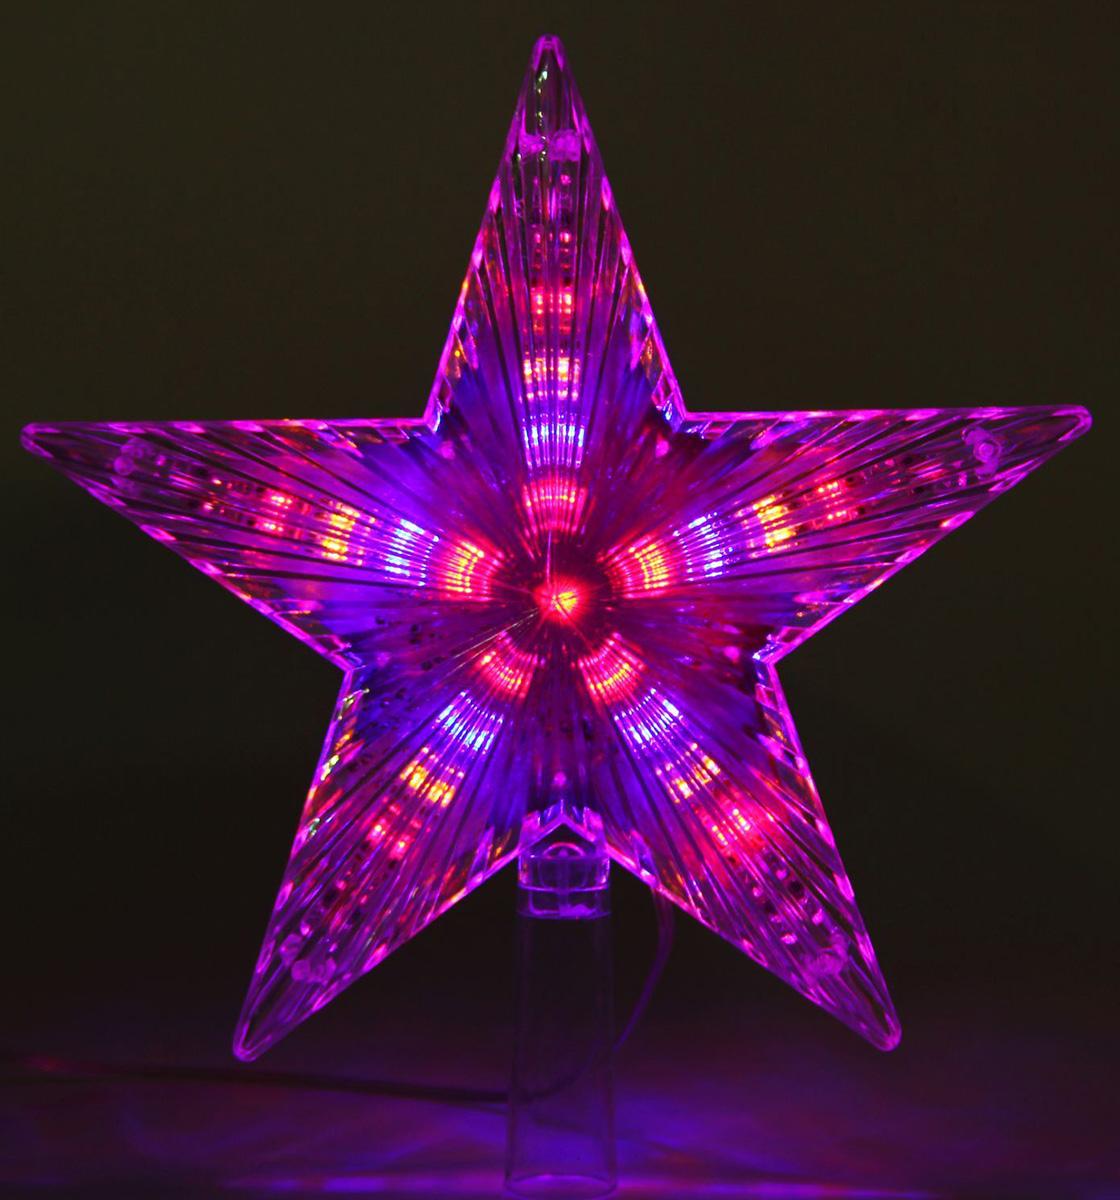 Верхушка на елку Luazon Звезда белая, светодиодная, 30 LED, 22 х 22 см1077217Невозможно представить нашу жизнь без праздников! Мы всегда ждём их и предвкушаем, обдумываем, как проведём памятный день, тщательно выбираем подарки и аксессуары, ведь именно они создают и поддерживают торжественный настрой.